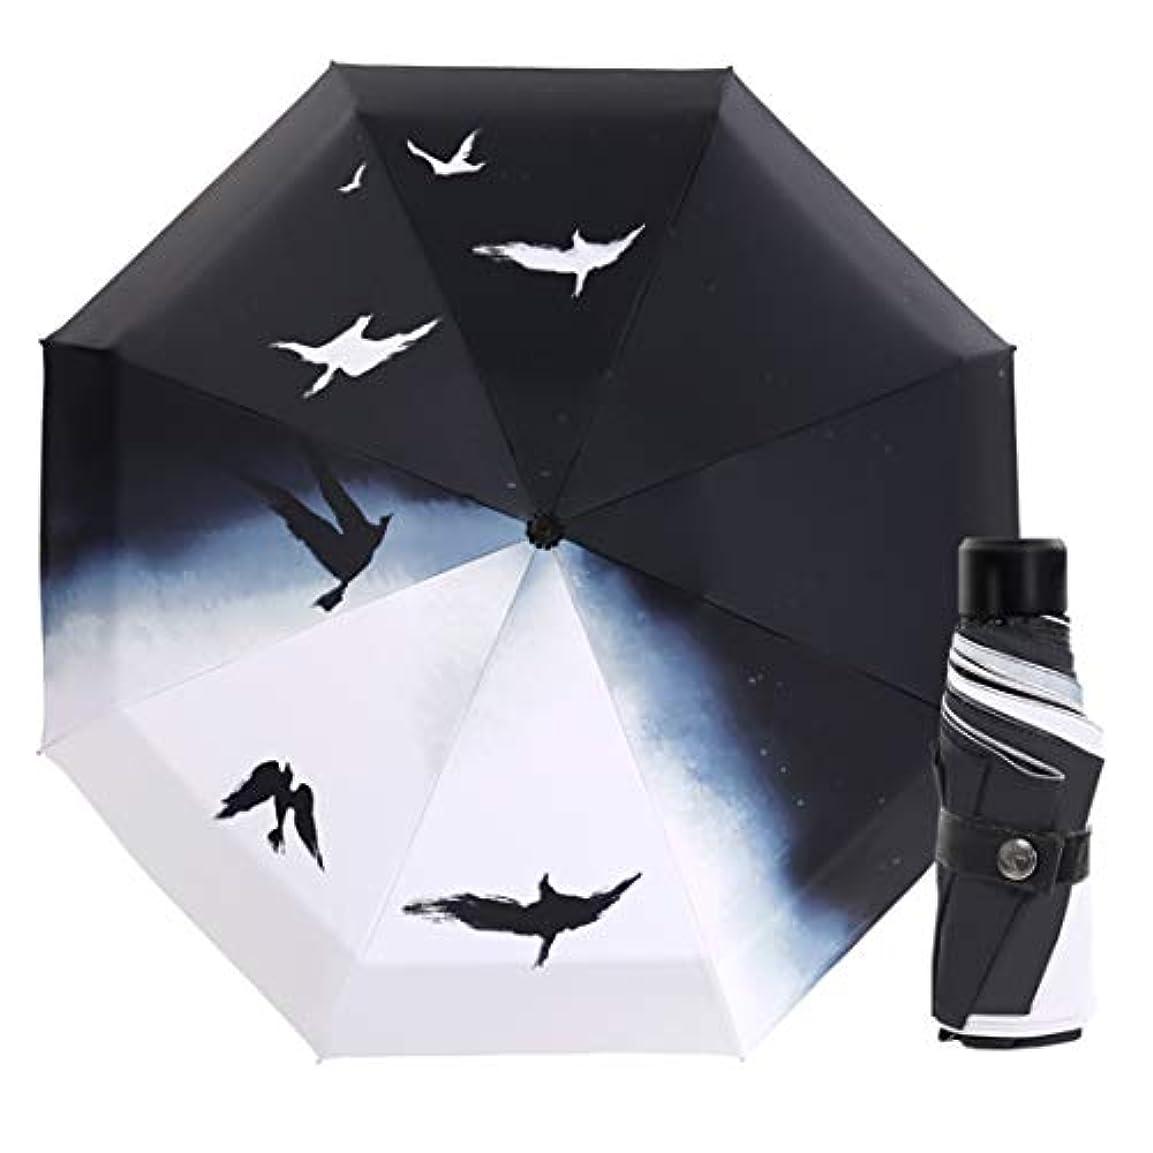 近く憂慮すべきに変わるHOHYLLYA 自動日傘紫外線保護日焼け止め傘超軽量折りたたみデュアルユース傘ポータブルスポーツ傘、防風傘 sunshade (色 : Multicolor)